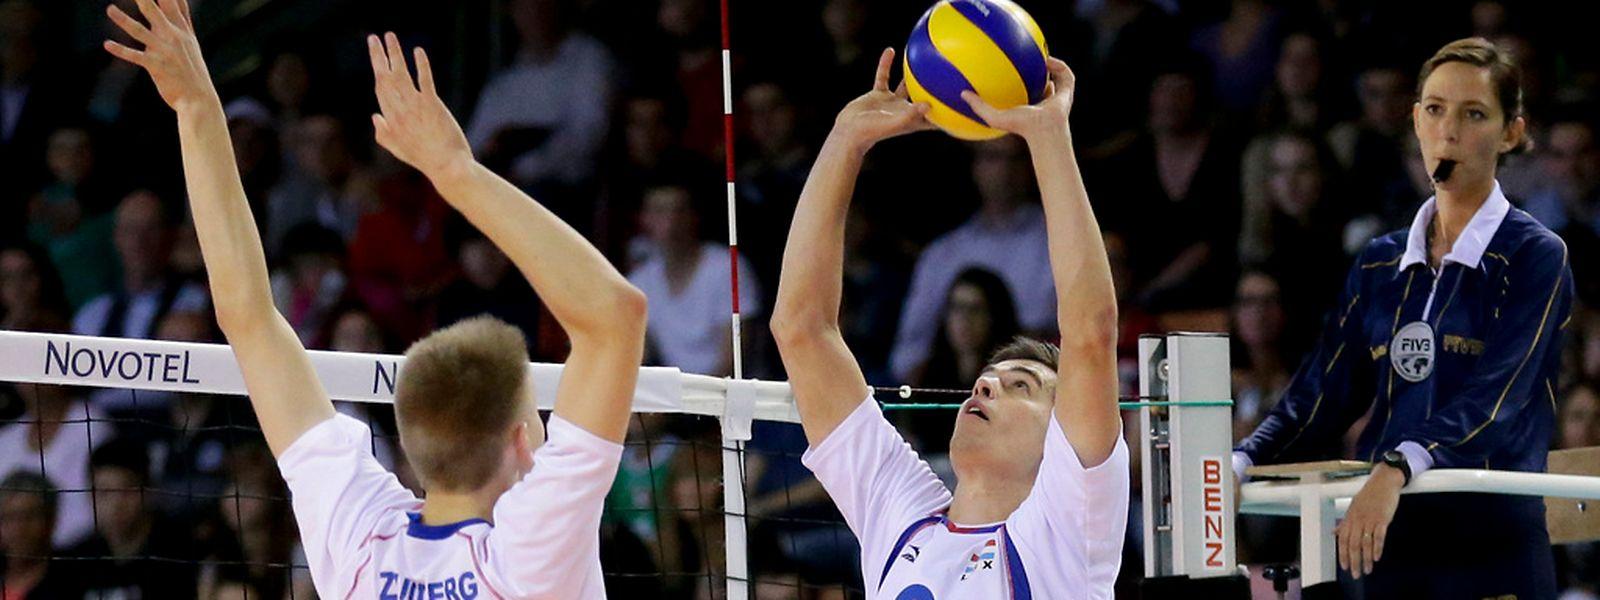 Gilles Braas wird die Fäden im Spiel der Luxemburger Männer ziehen.